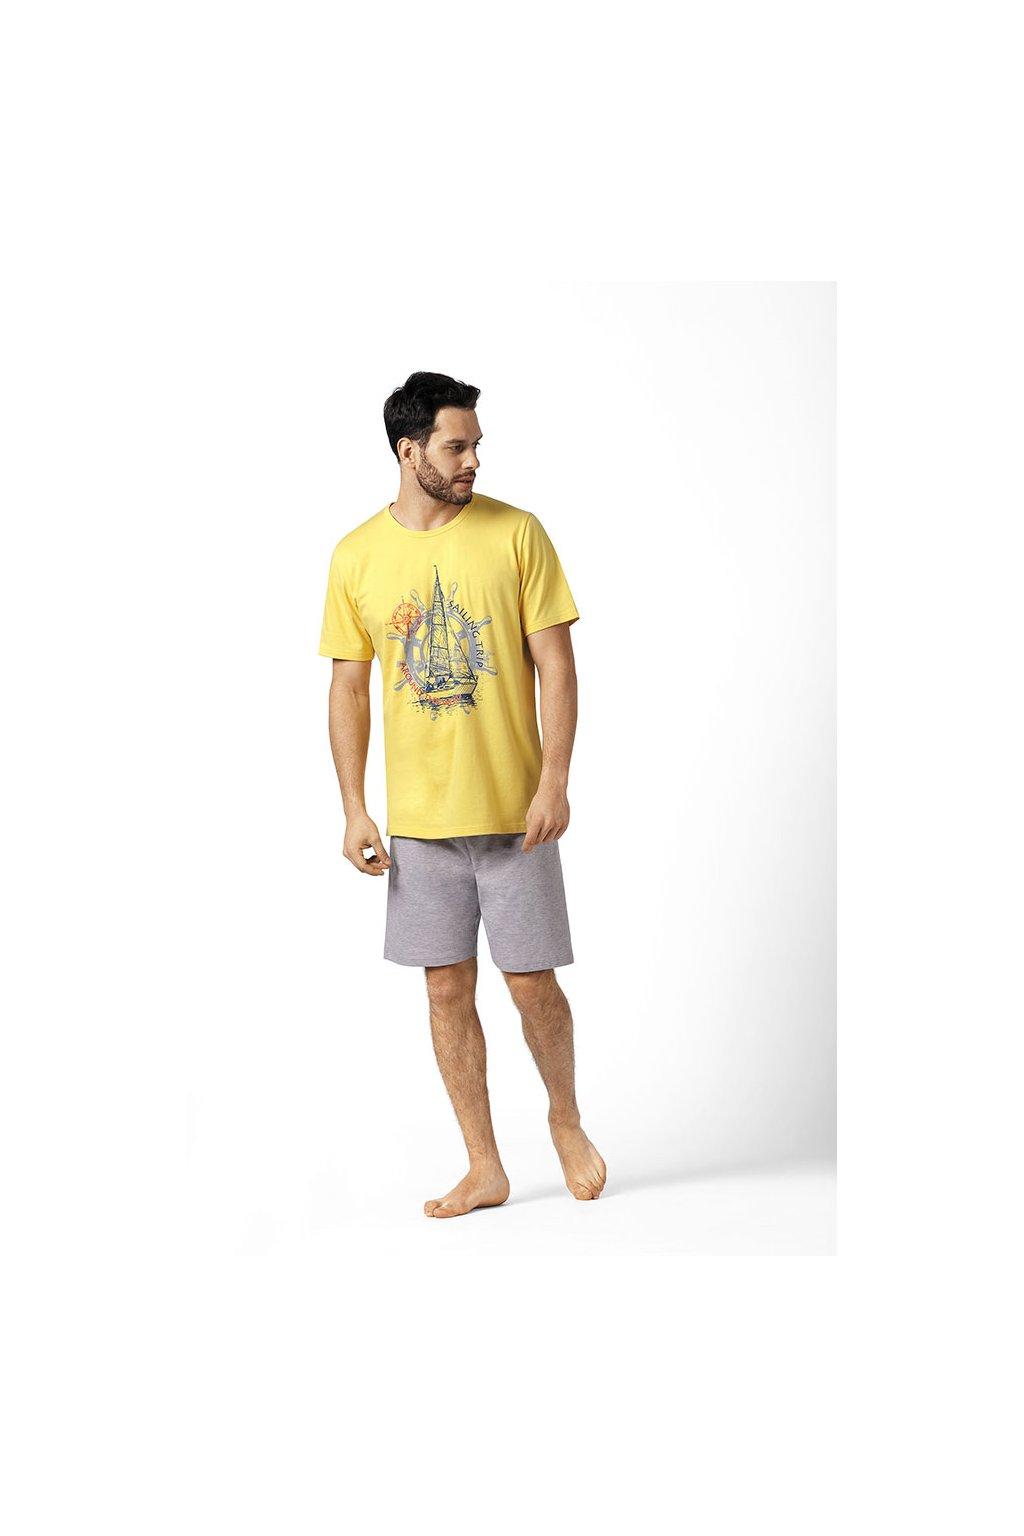 Pánské pyžamo s krátkým rukávem, 20493 895, žlutá